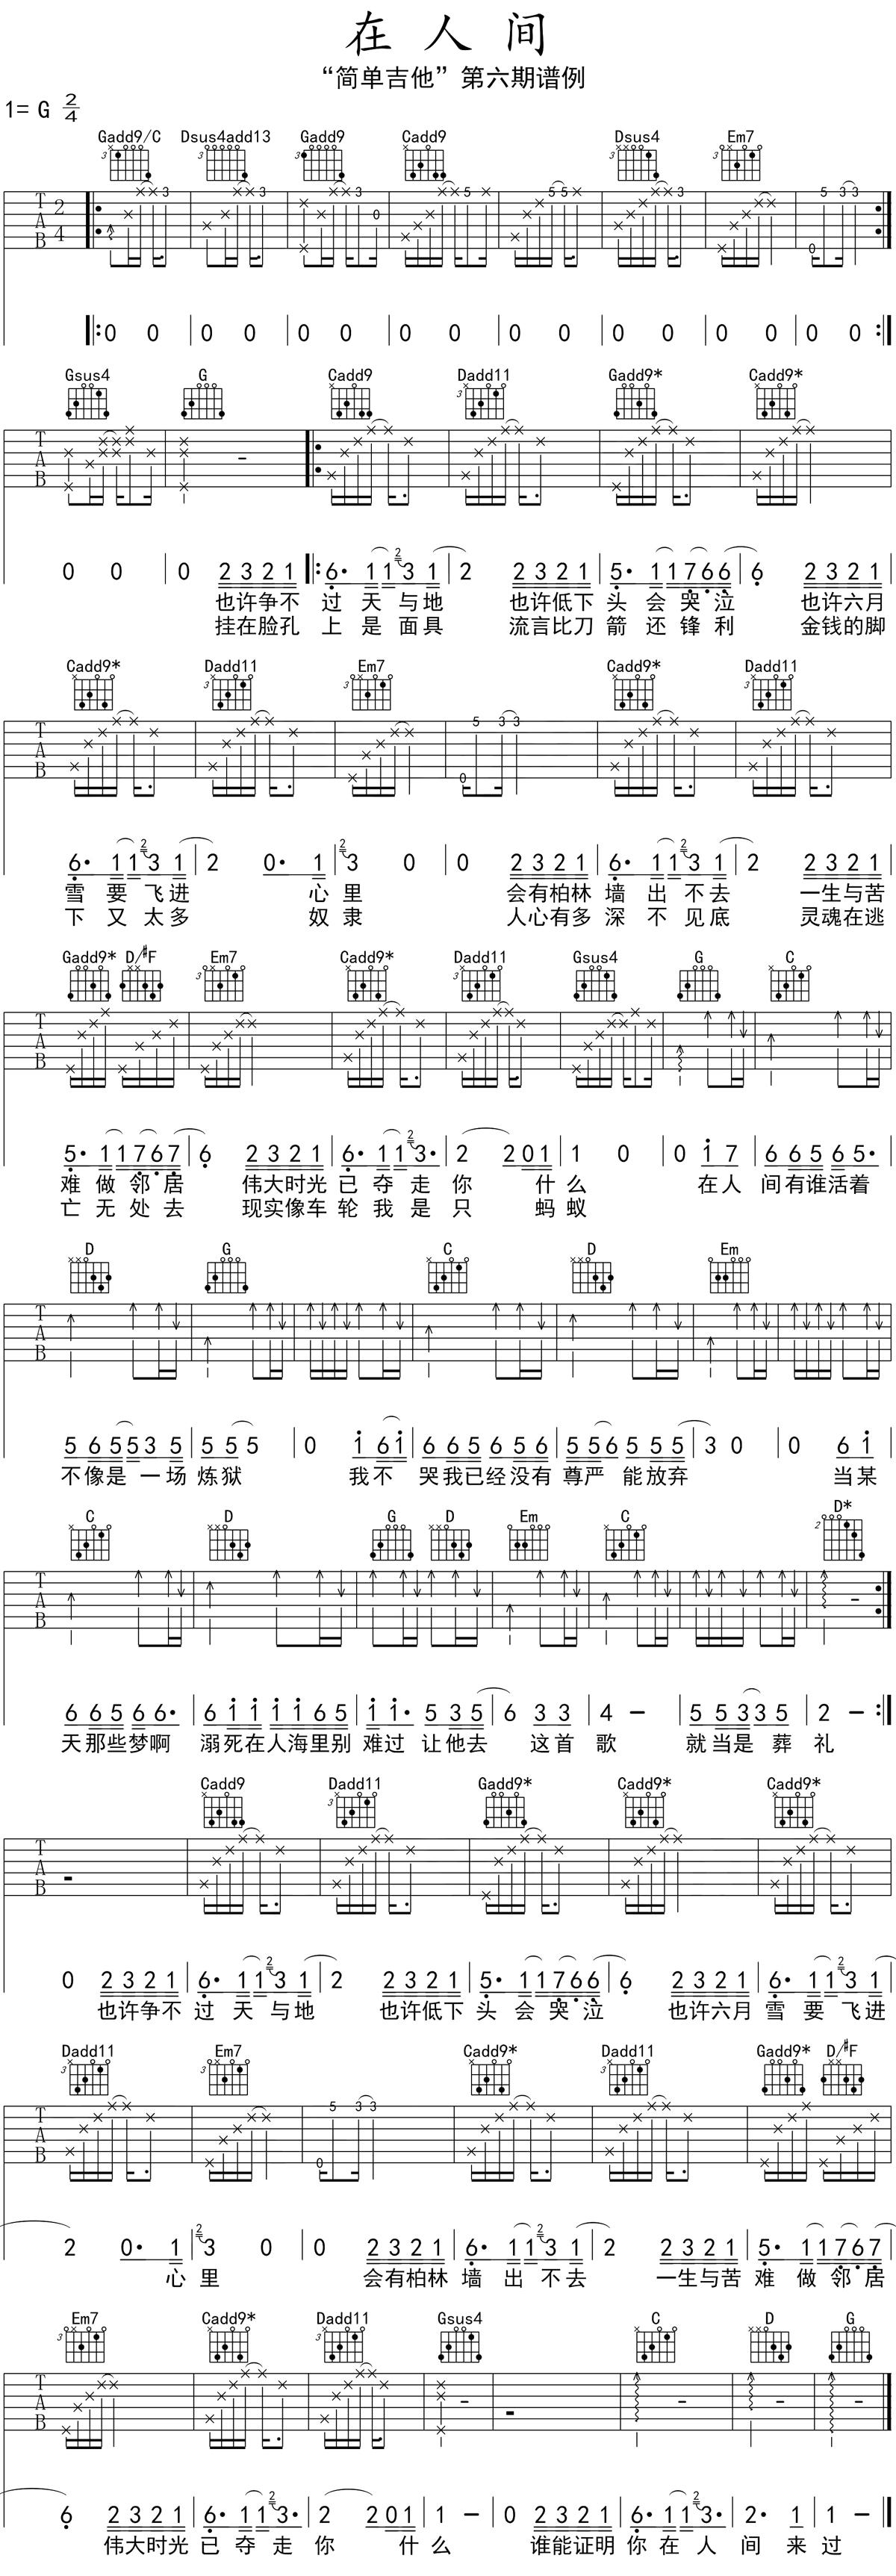 王建房《在人間》吉他譜_G調和弦版_高清六線譜_簡單吉他編配版 - 升誠吉他網